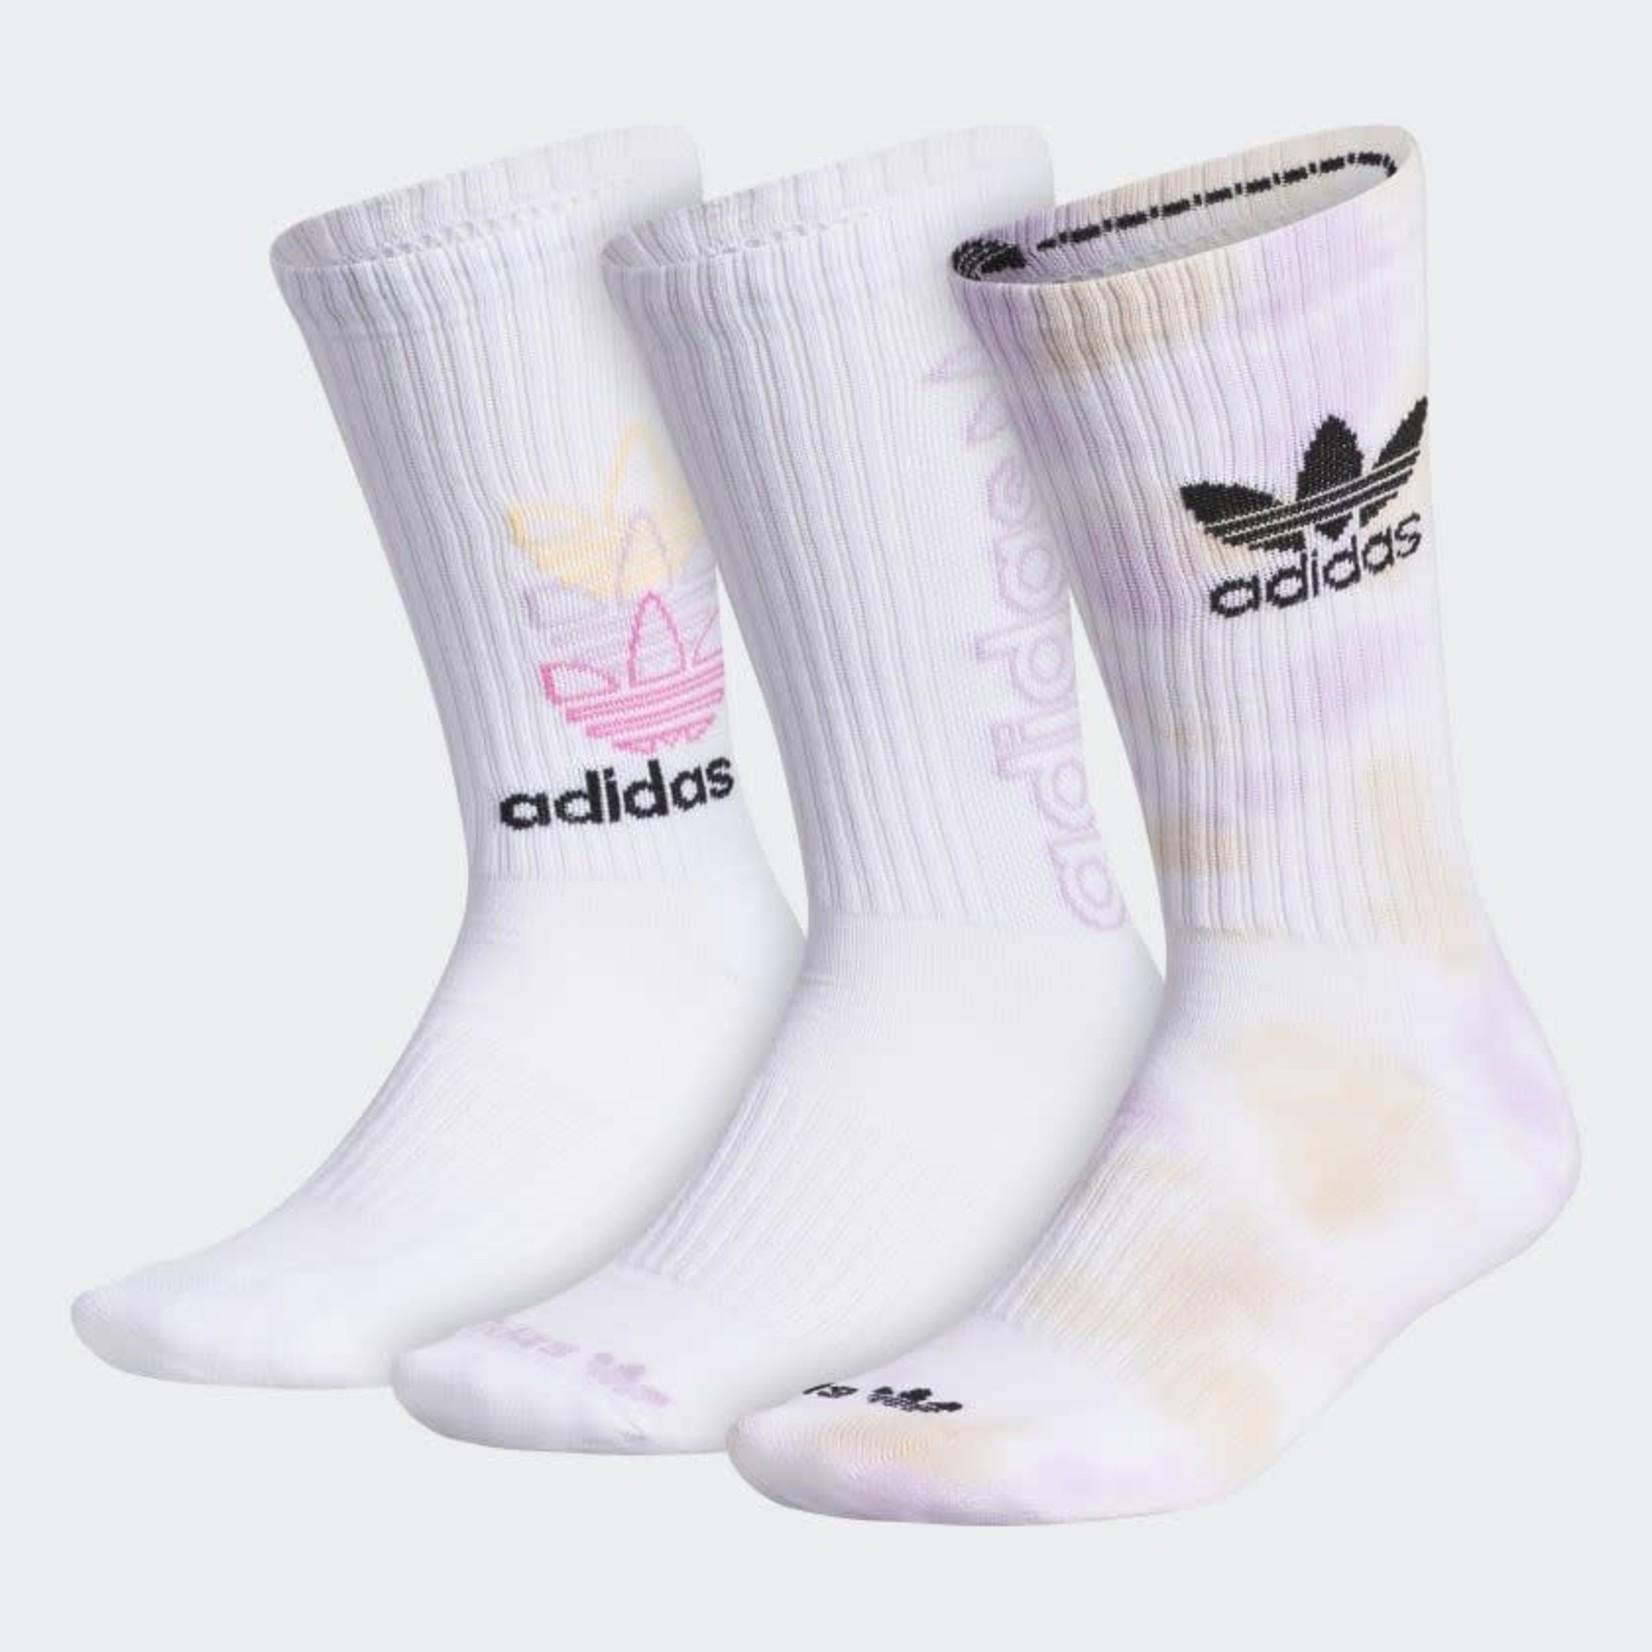 Adidas Adidas : Men Originals Colorwash 3Pack Crew Socks